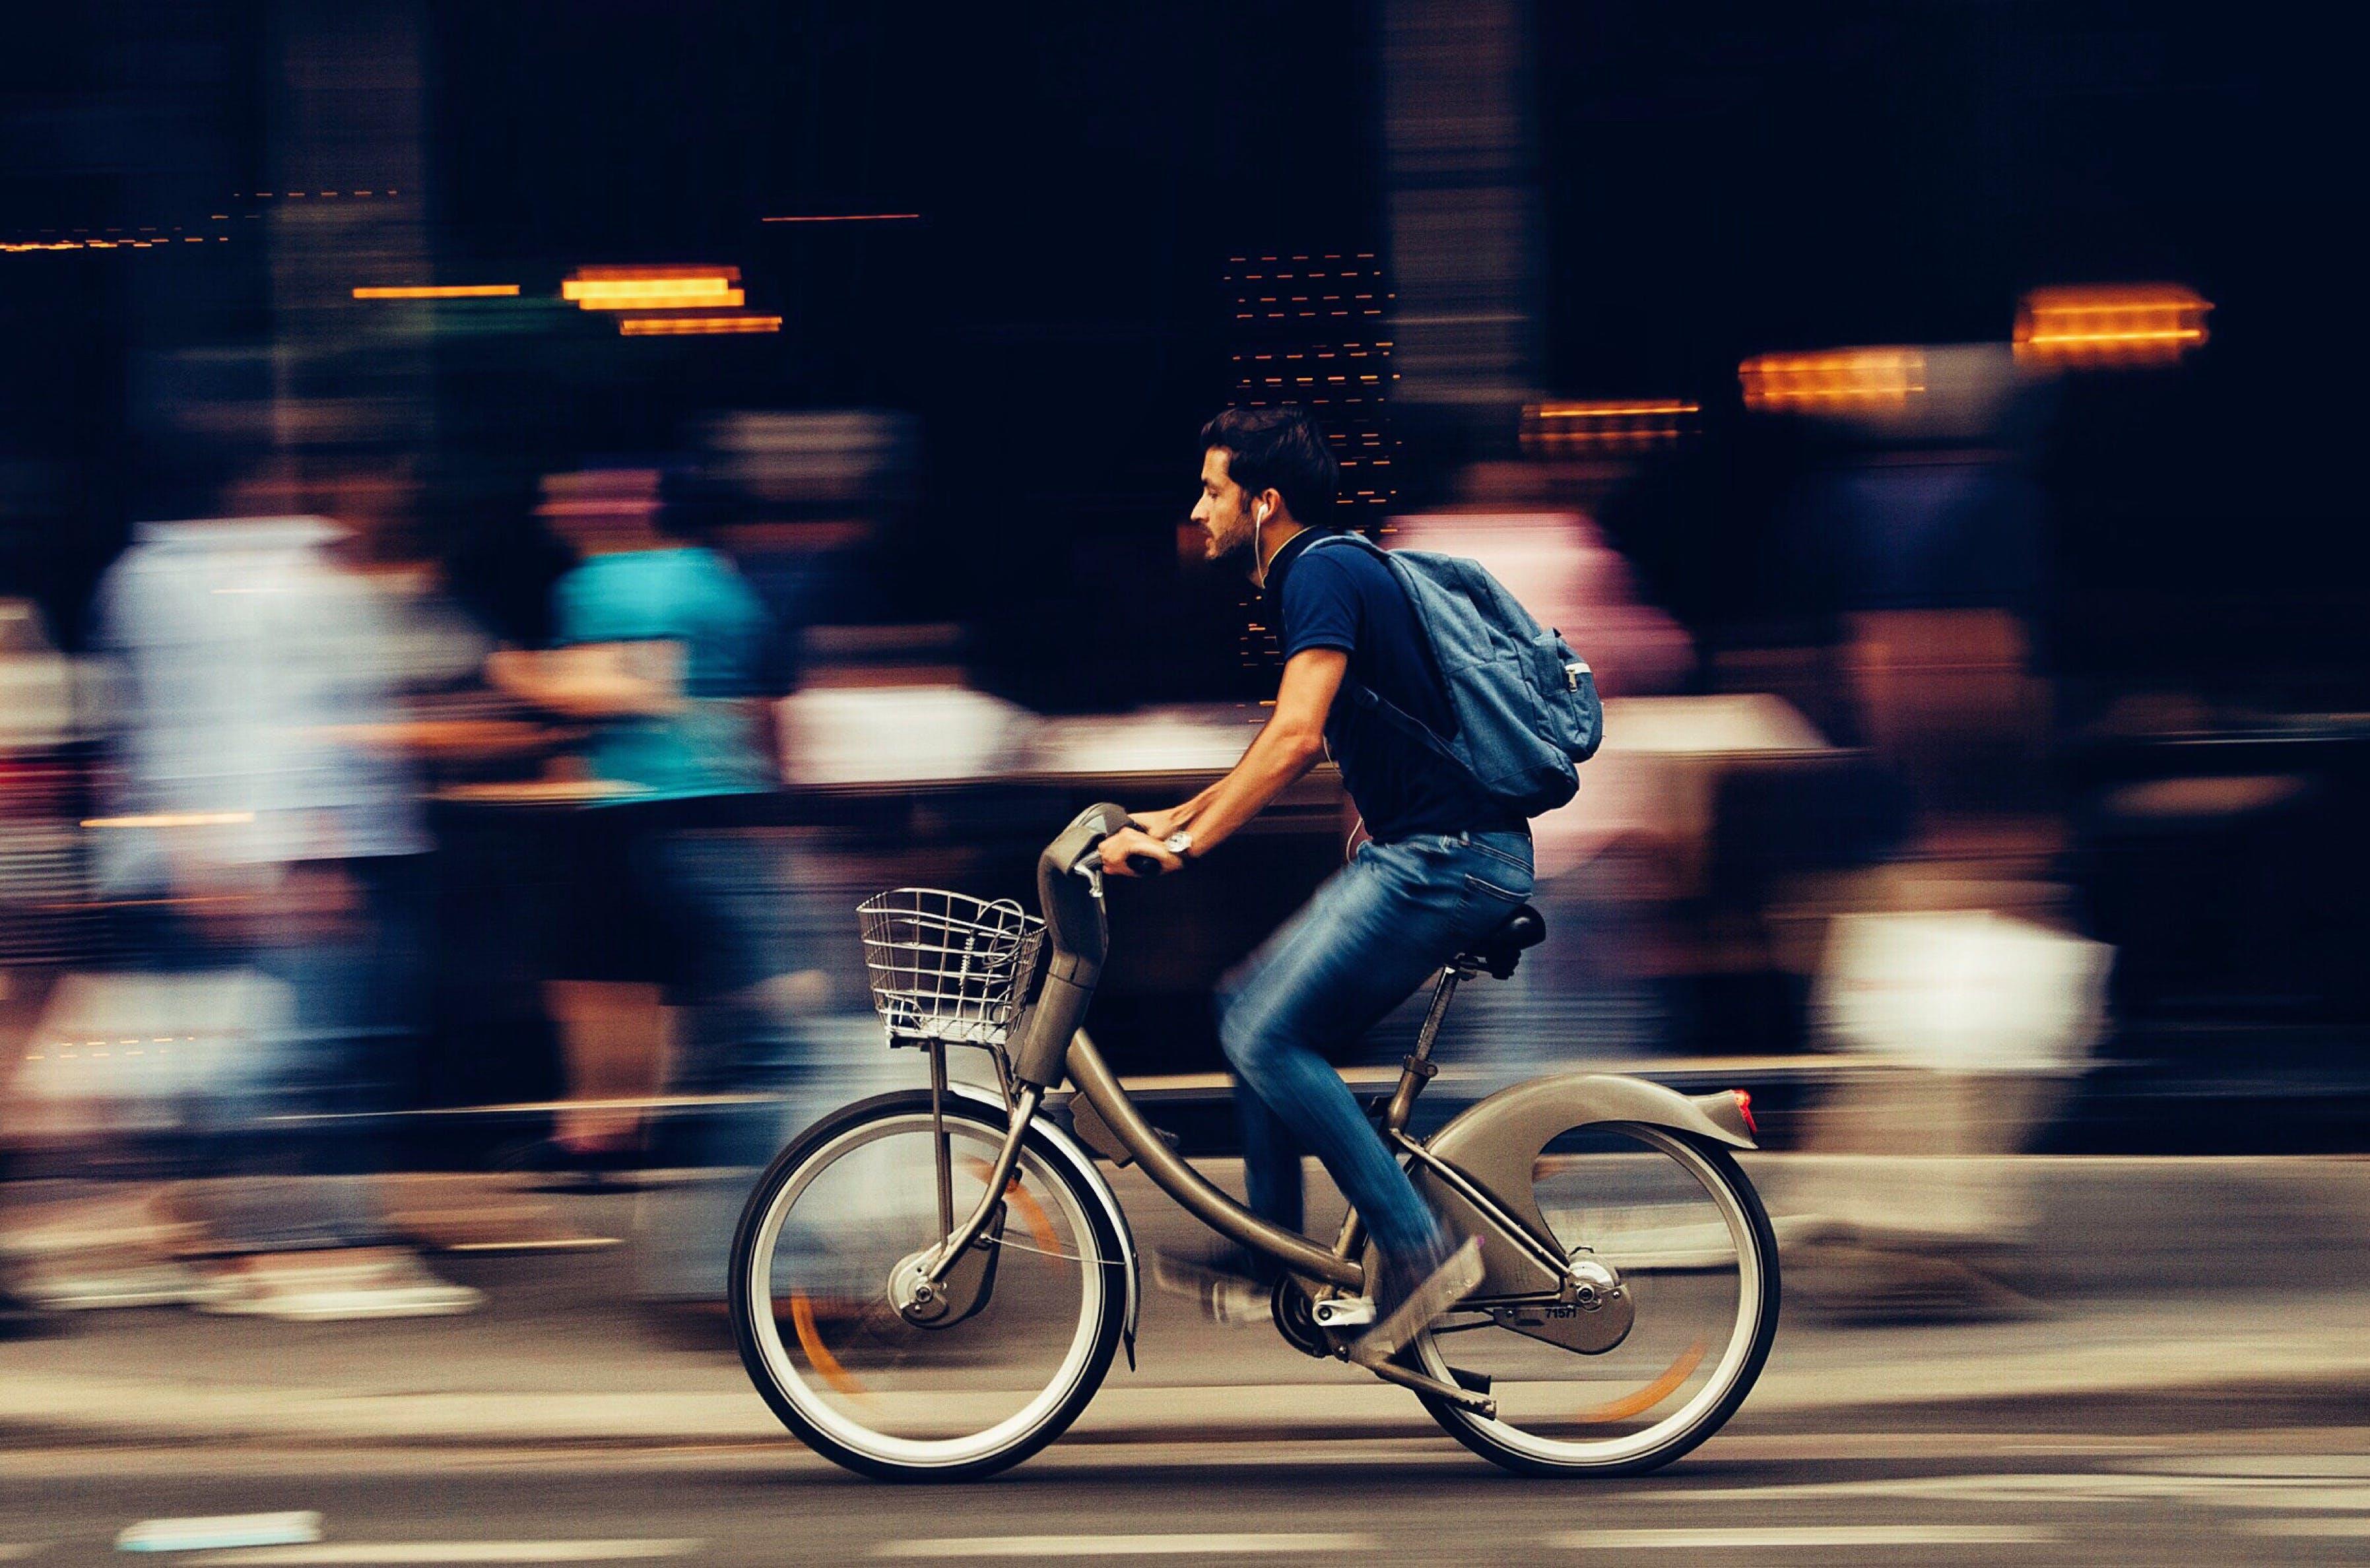 Kostenloses Stock Foto zu action, athleten, beschäftigt, bewegen